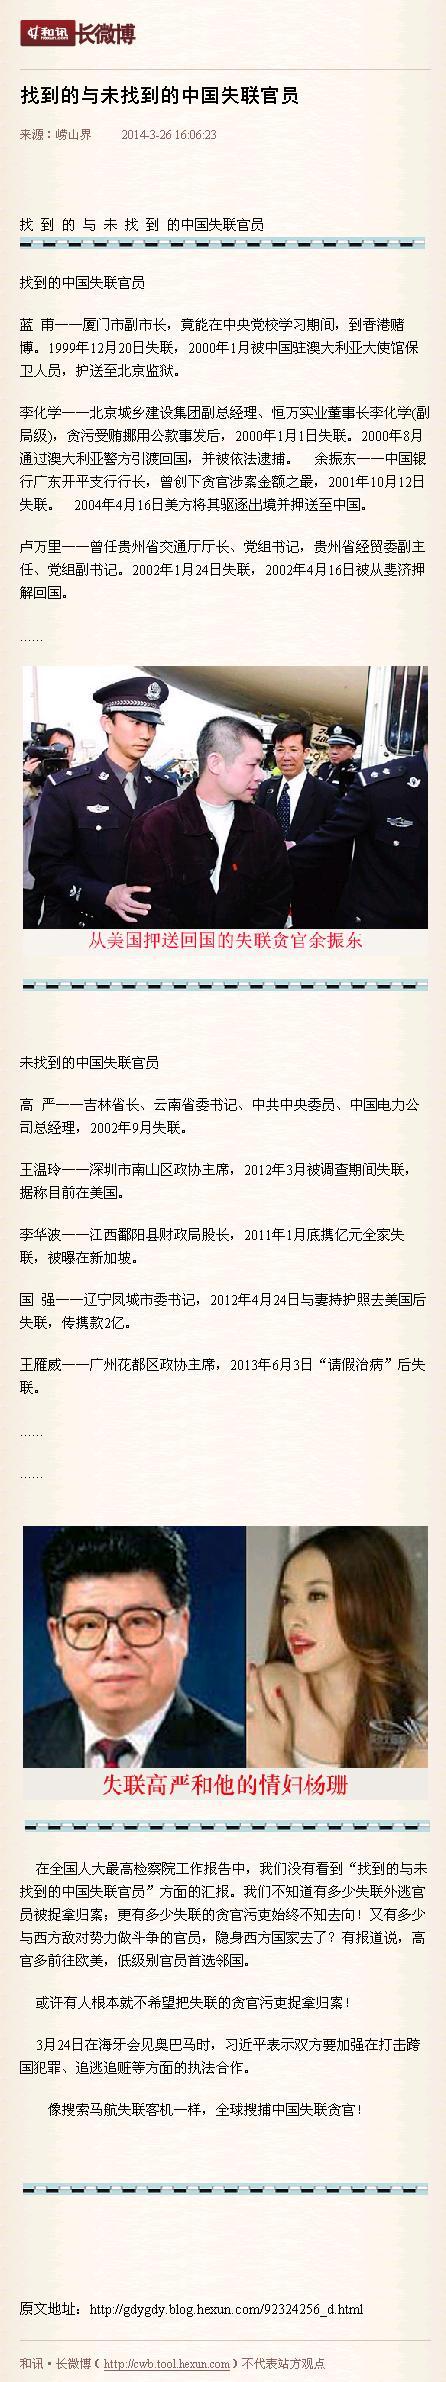 找到的与未找到的中国失联官员 - 秦全耀 - 秦全耀的博客